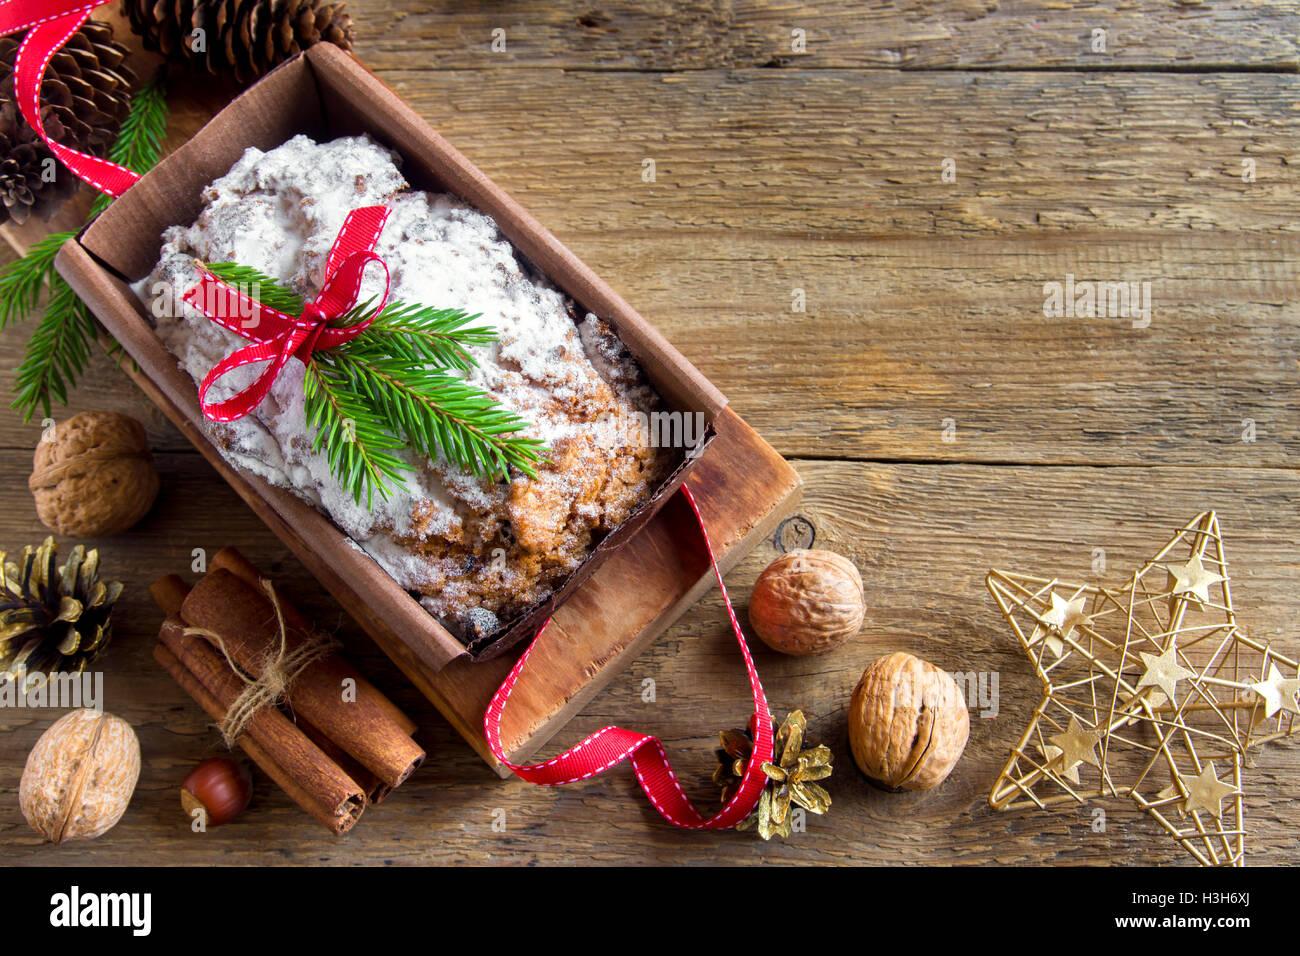 Fruitcake tradicional de Navidad con decoración y adornos navideños caseros - pasrty Imagen De Stock